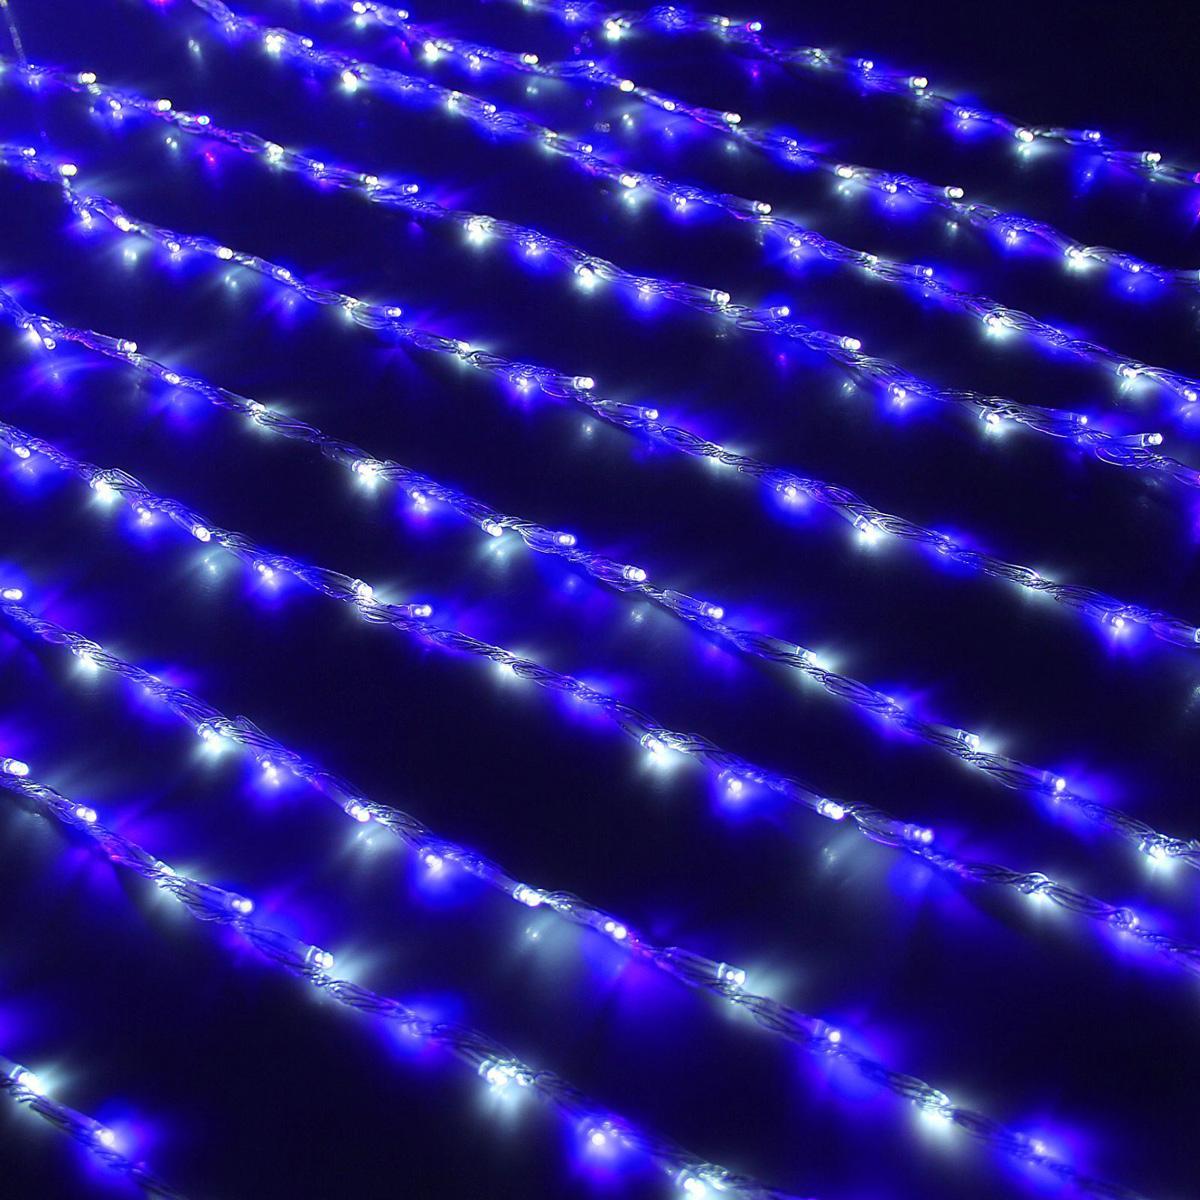 Гирлянда светодиодная Luazon Дождь, уличная, 8 режимов, 800 ламп, 220 V, цвет: белый, синий, 2 х 3 м. 1080187 гирлянда светодиодная luazon дождь уличная 8 режимов 400 ламп 220 v цвет мультиколор 2 х 1 5 м 671675